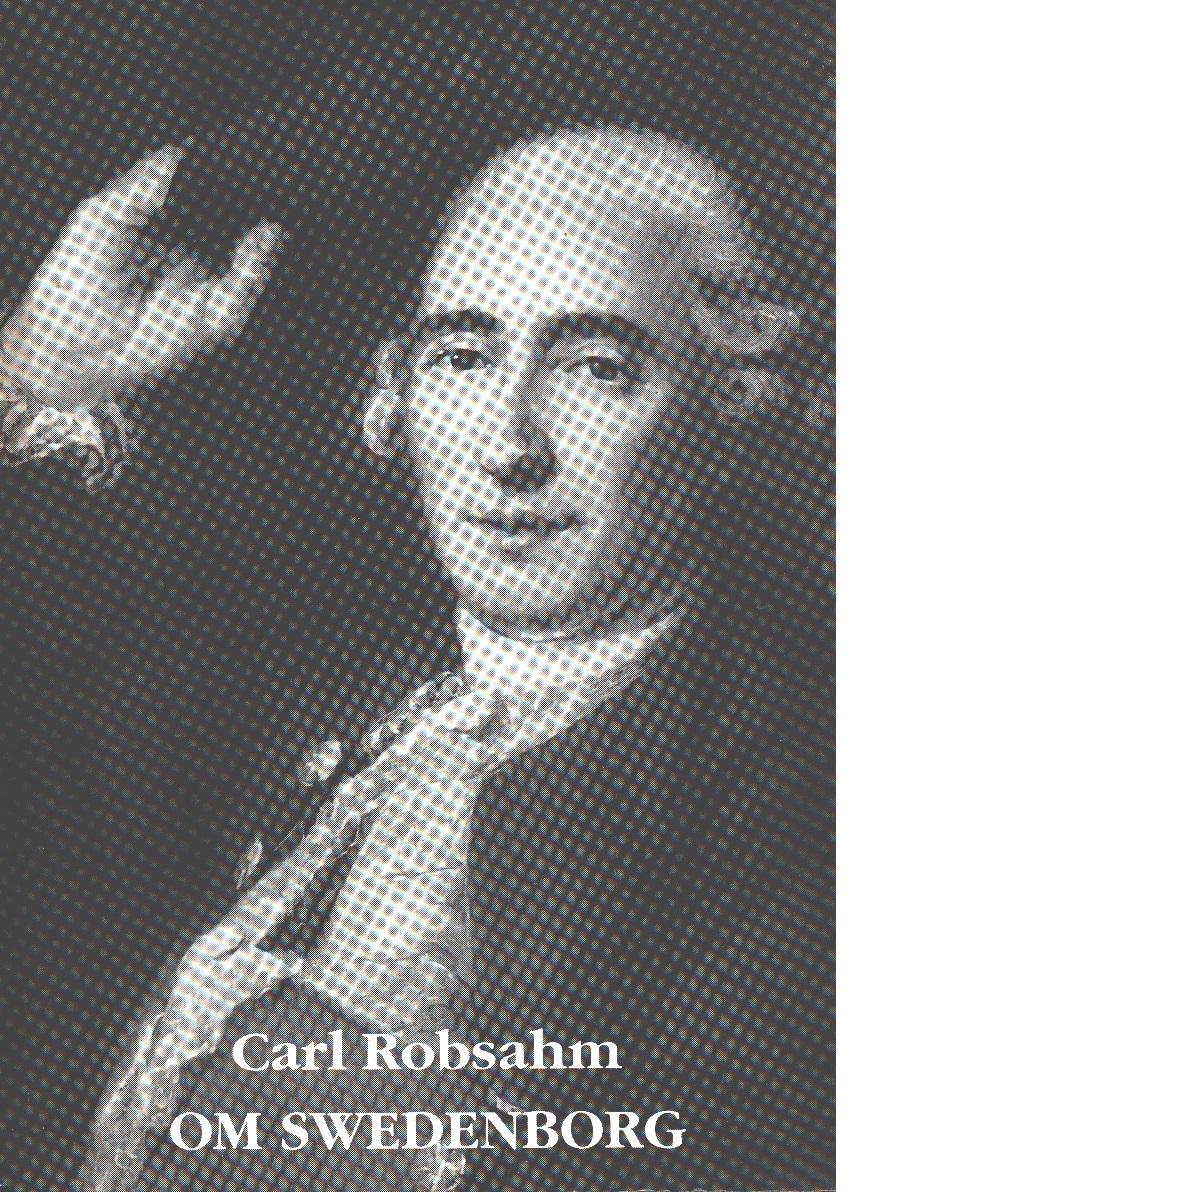 Anteckningar om Swedenborg - Robsahm, Carl